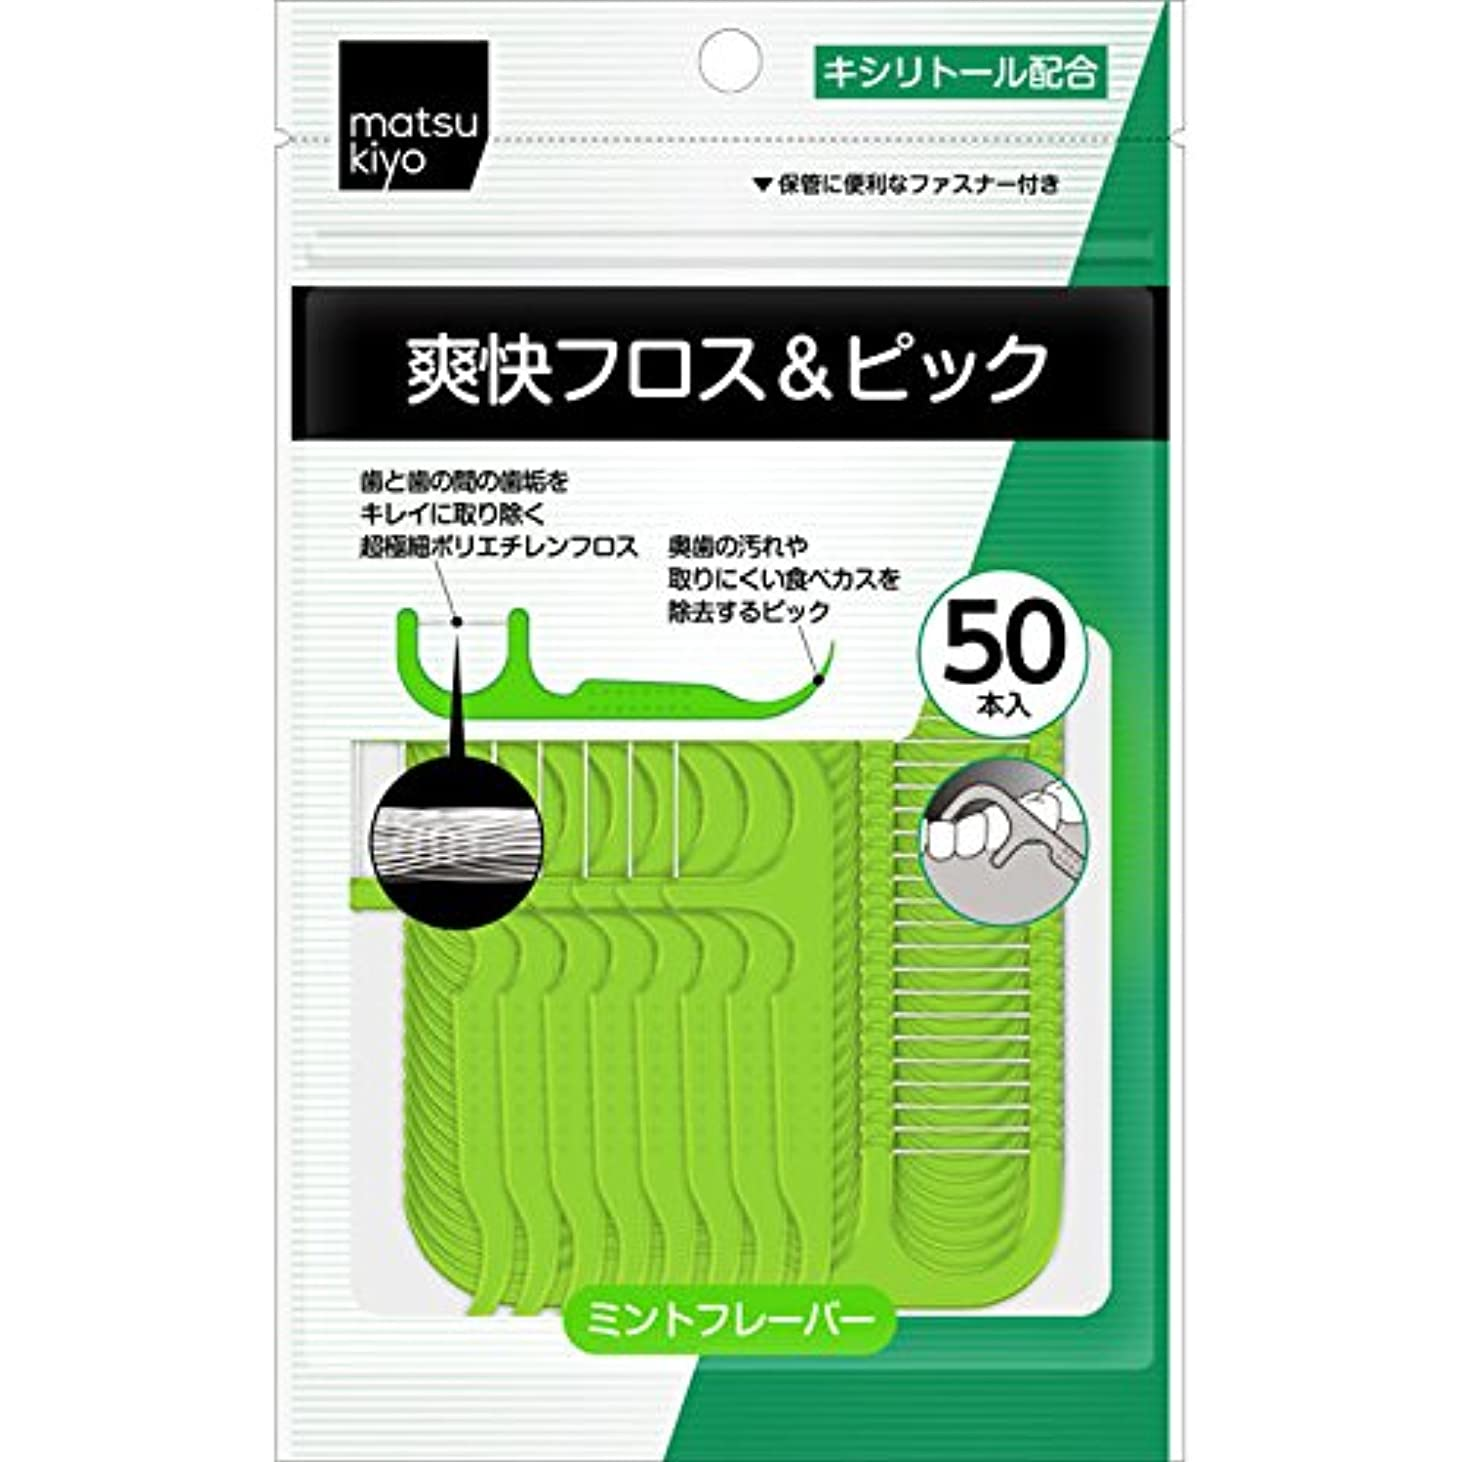 迷彩噴火接尾辞matsukiyo 爽快フロス&ピック 50本